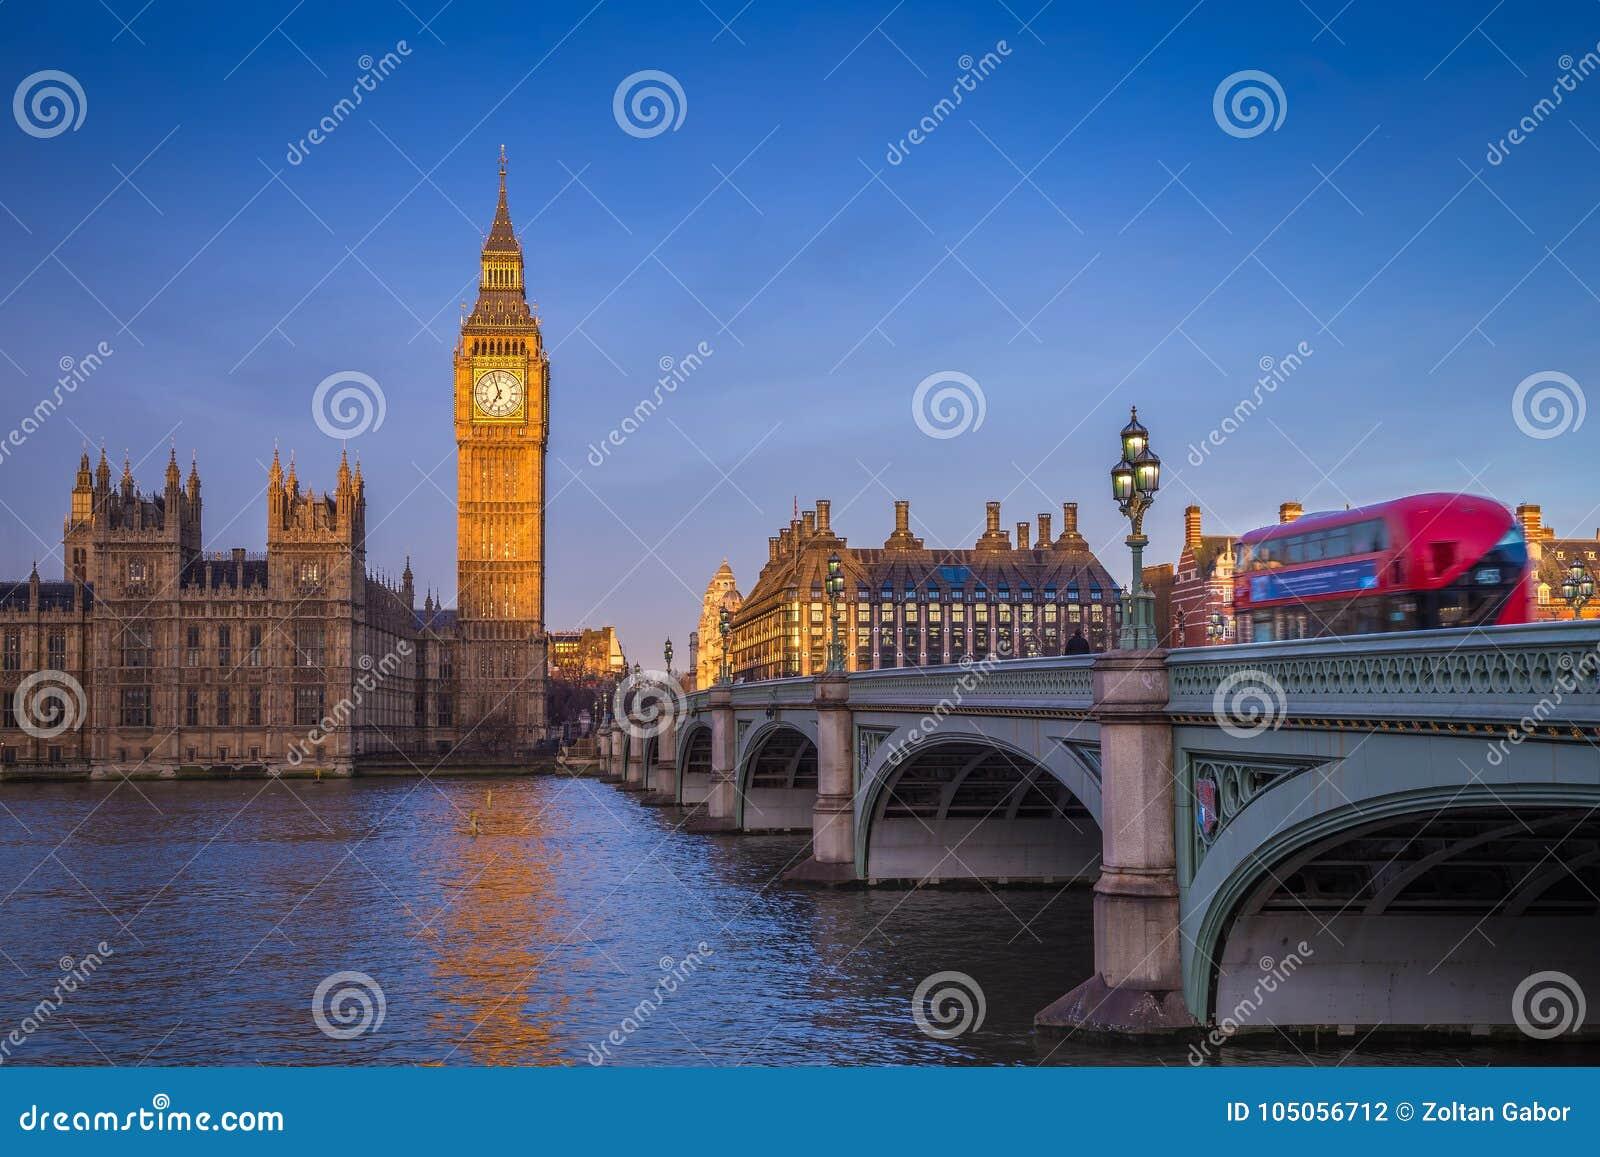 Λονδίνο, Αγγλία - το εικονικό Big Ben με τα σπίτια του Κοινοβουλίου και το παραδοσιακό κόκκινο διπλό κατάστρωμα μεταφέρουν